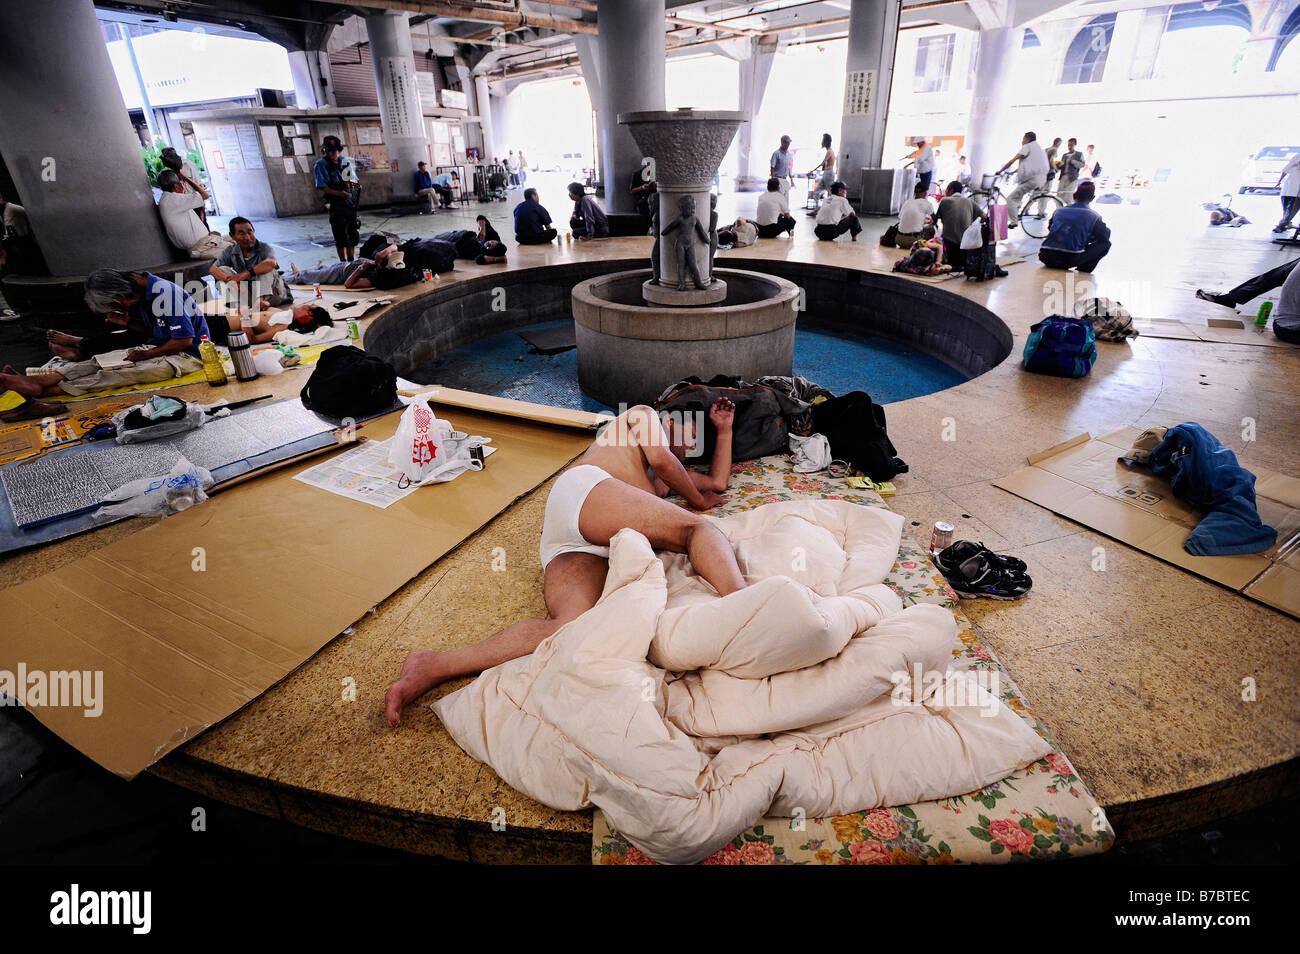 Senzatetto e disoccupati uomini appendere intorno ad una zona comunale della manodopera Nishinari centro benessere Immagini Stock